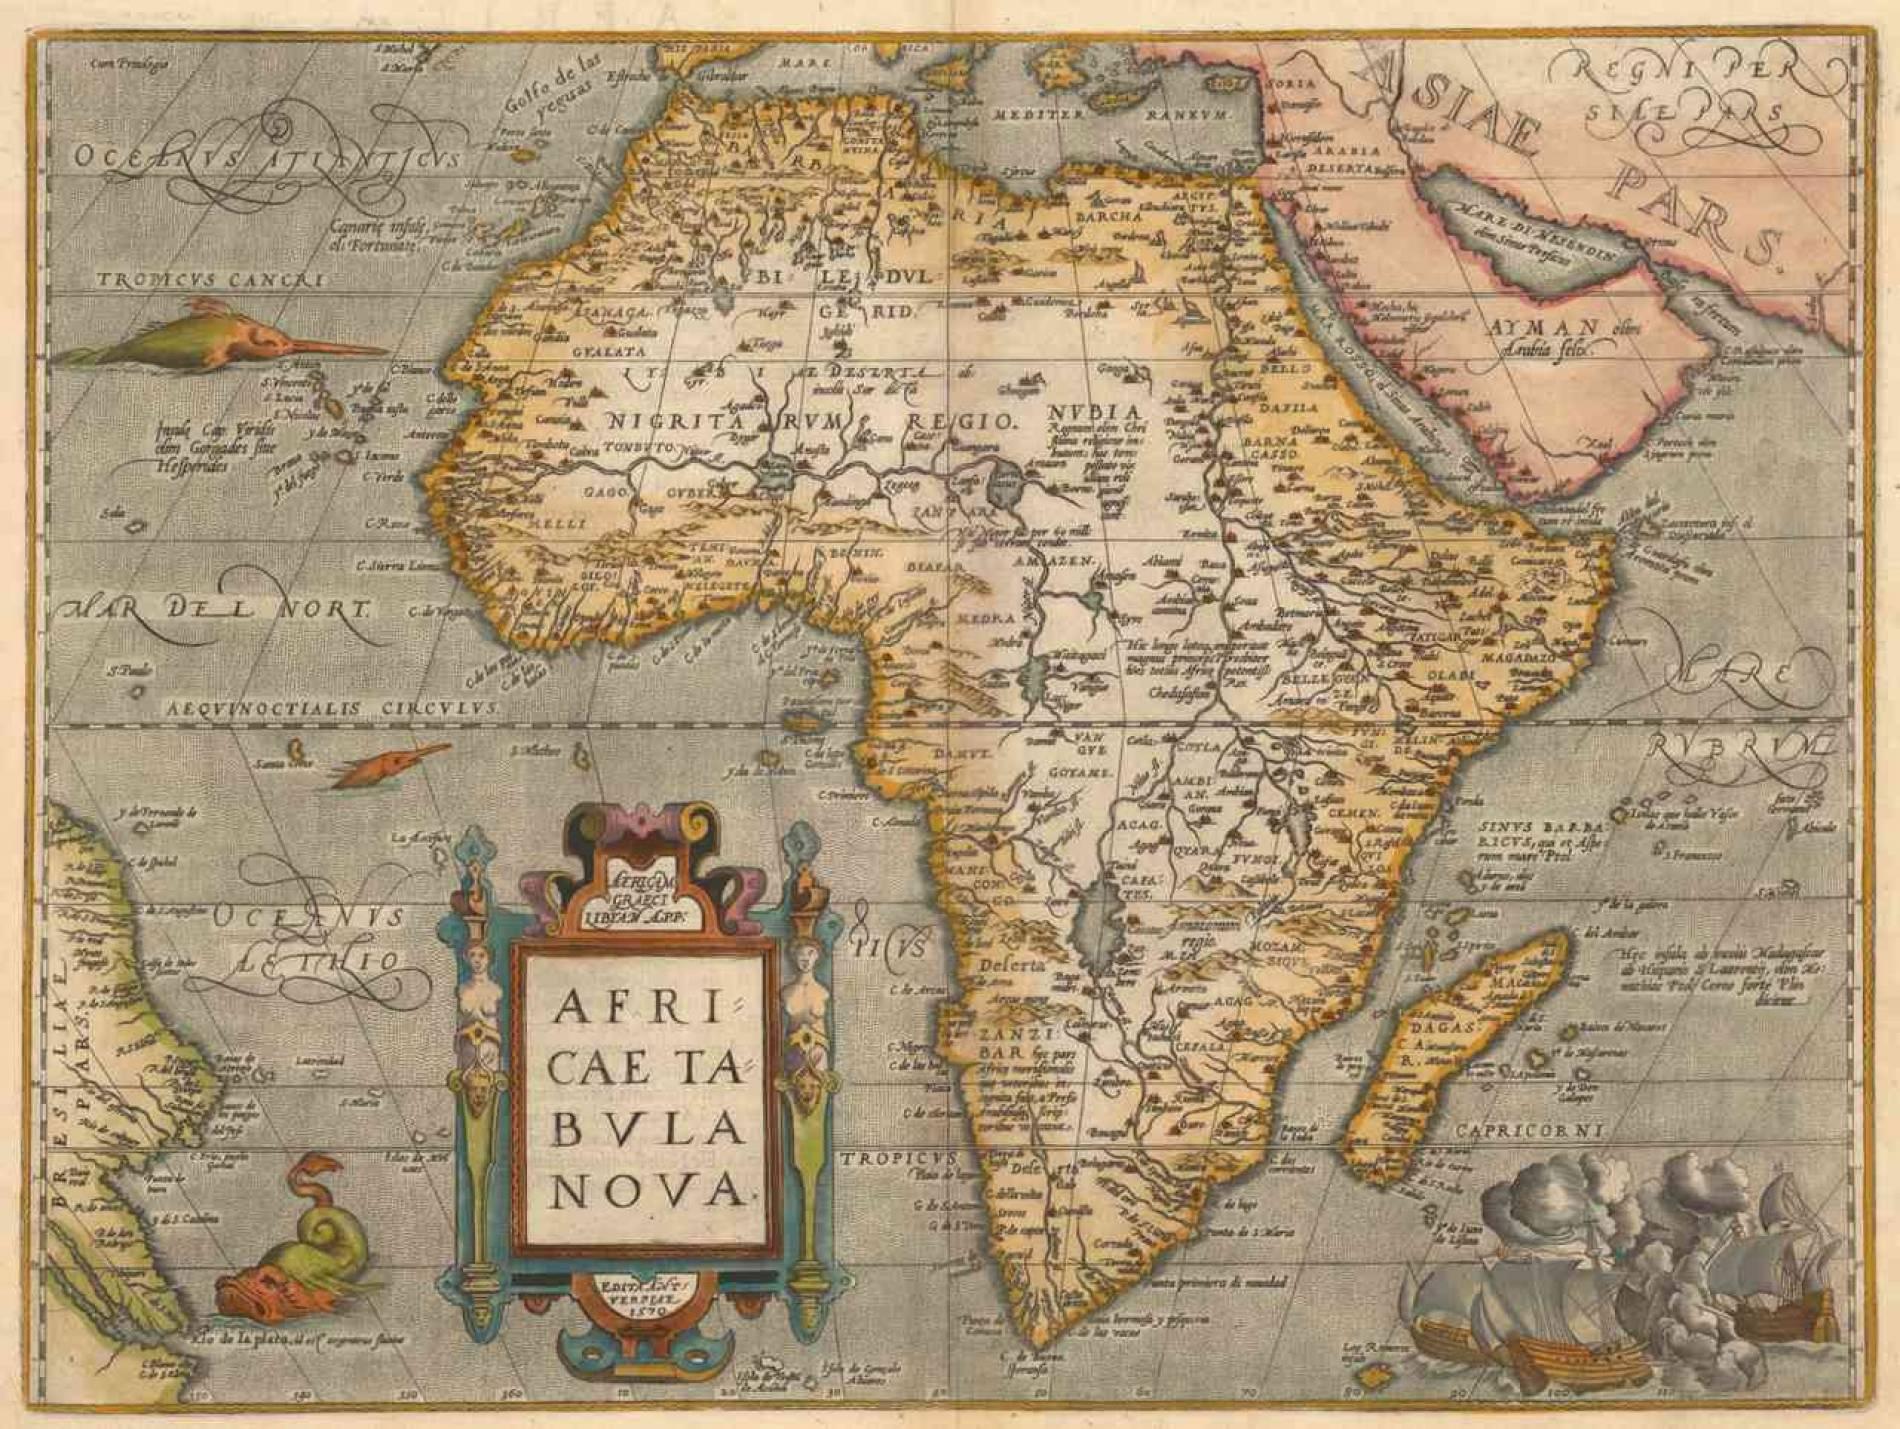 Cartografia dell' Africa